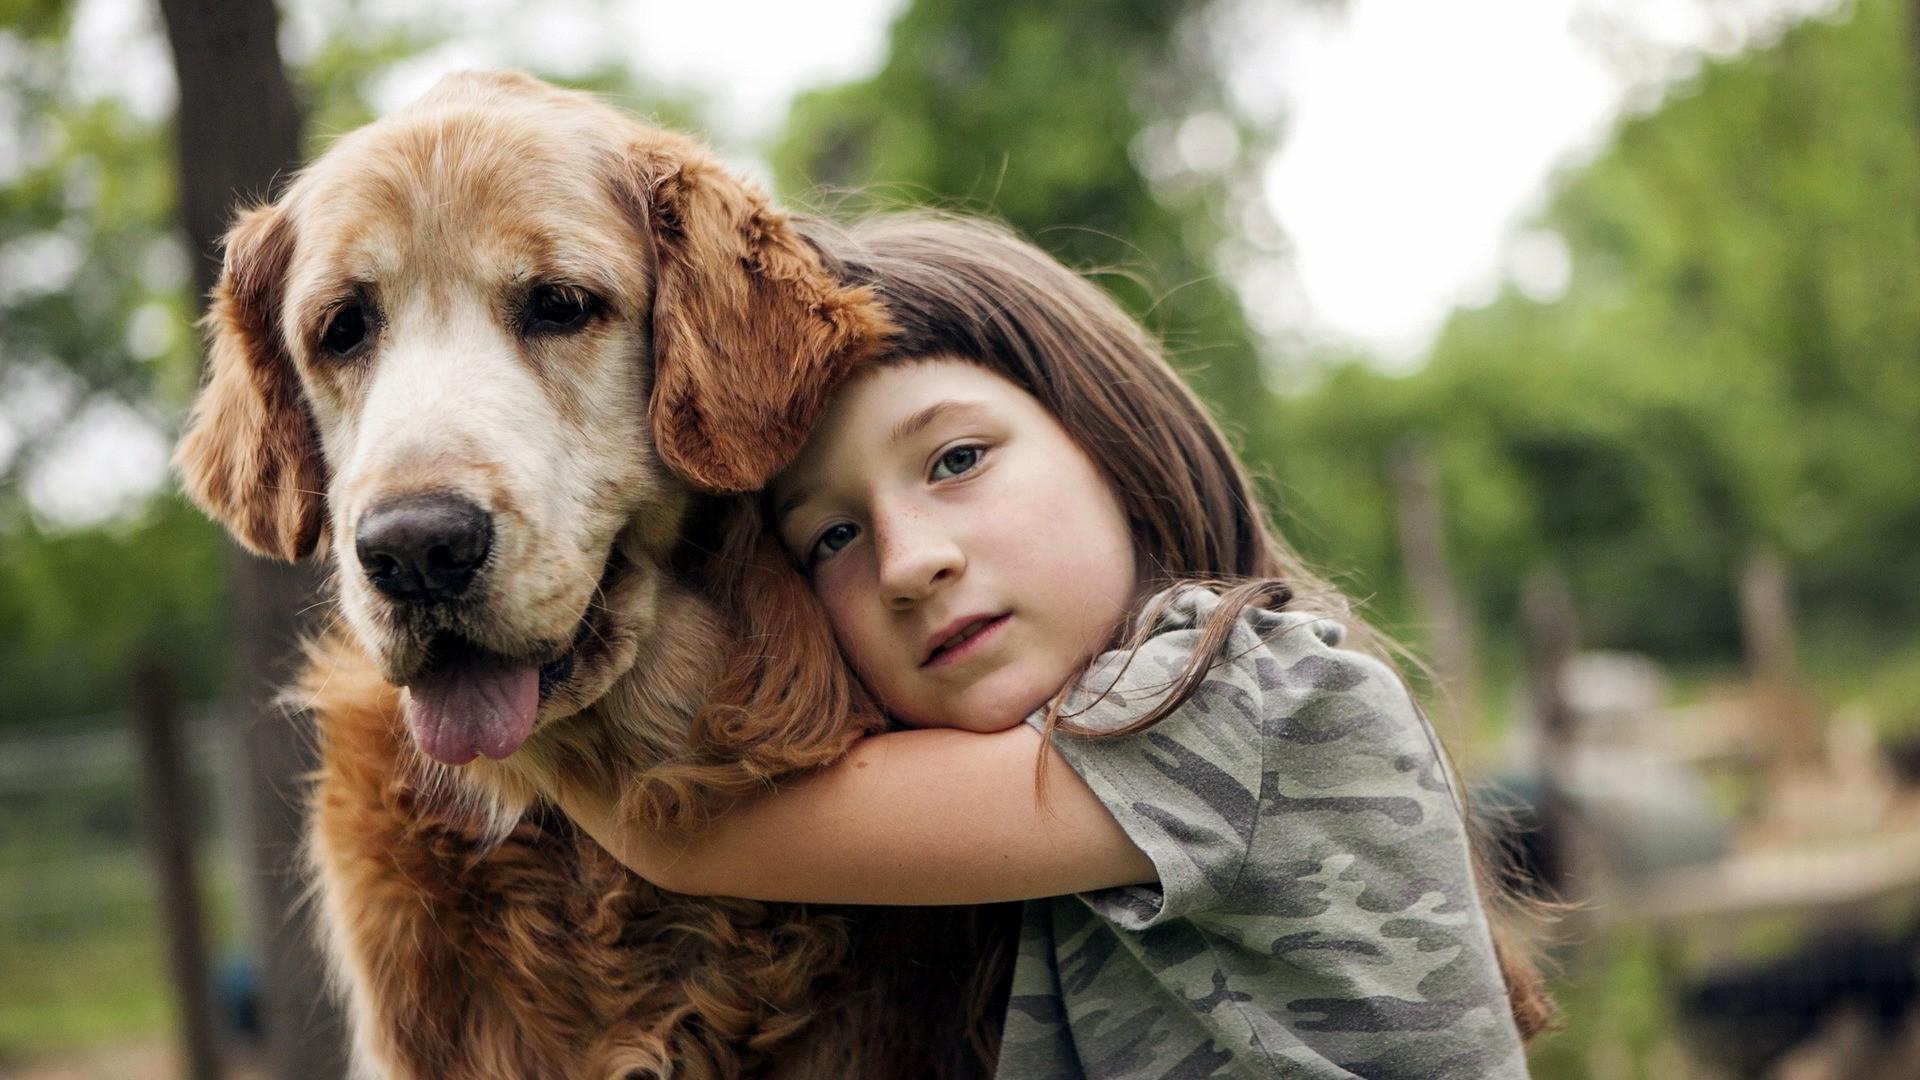 Чіпування домашніх тварин: за відмову українцям доведеться заплатити майже чотири мінімалки - today.ua